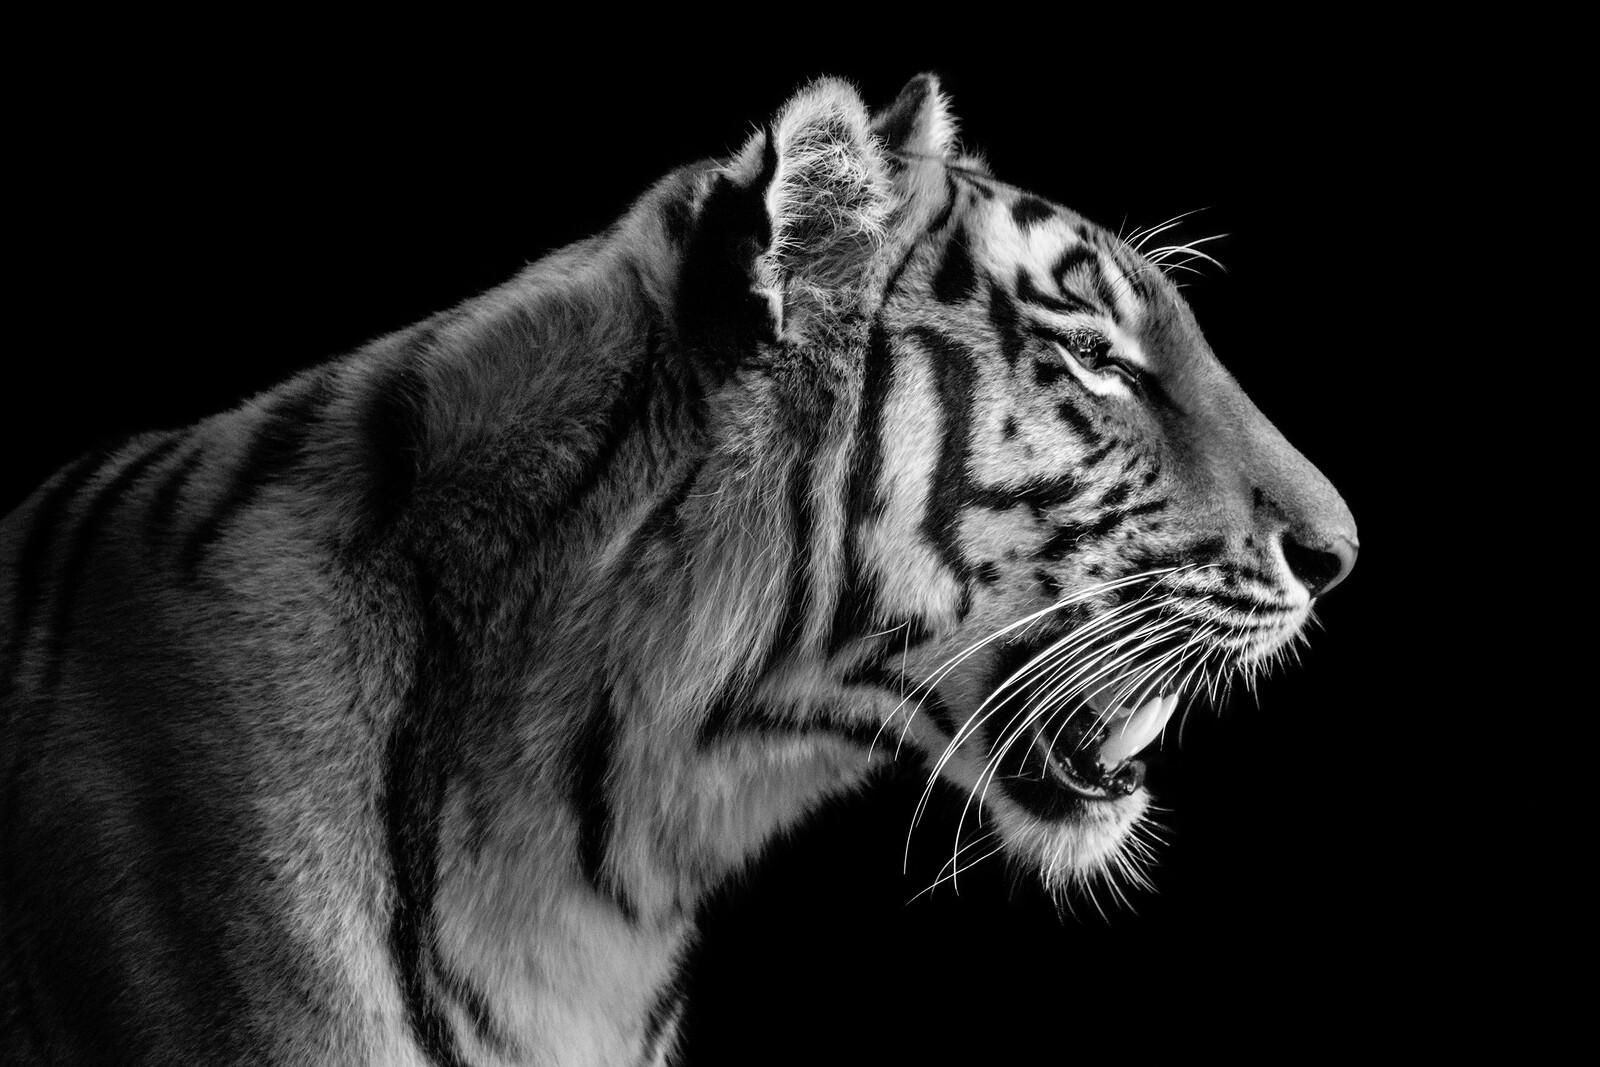 Tigress Portrait - Wolf Ademeit